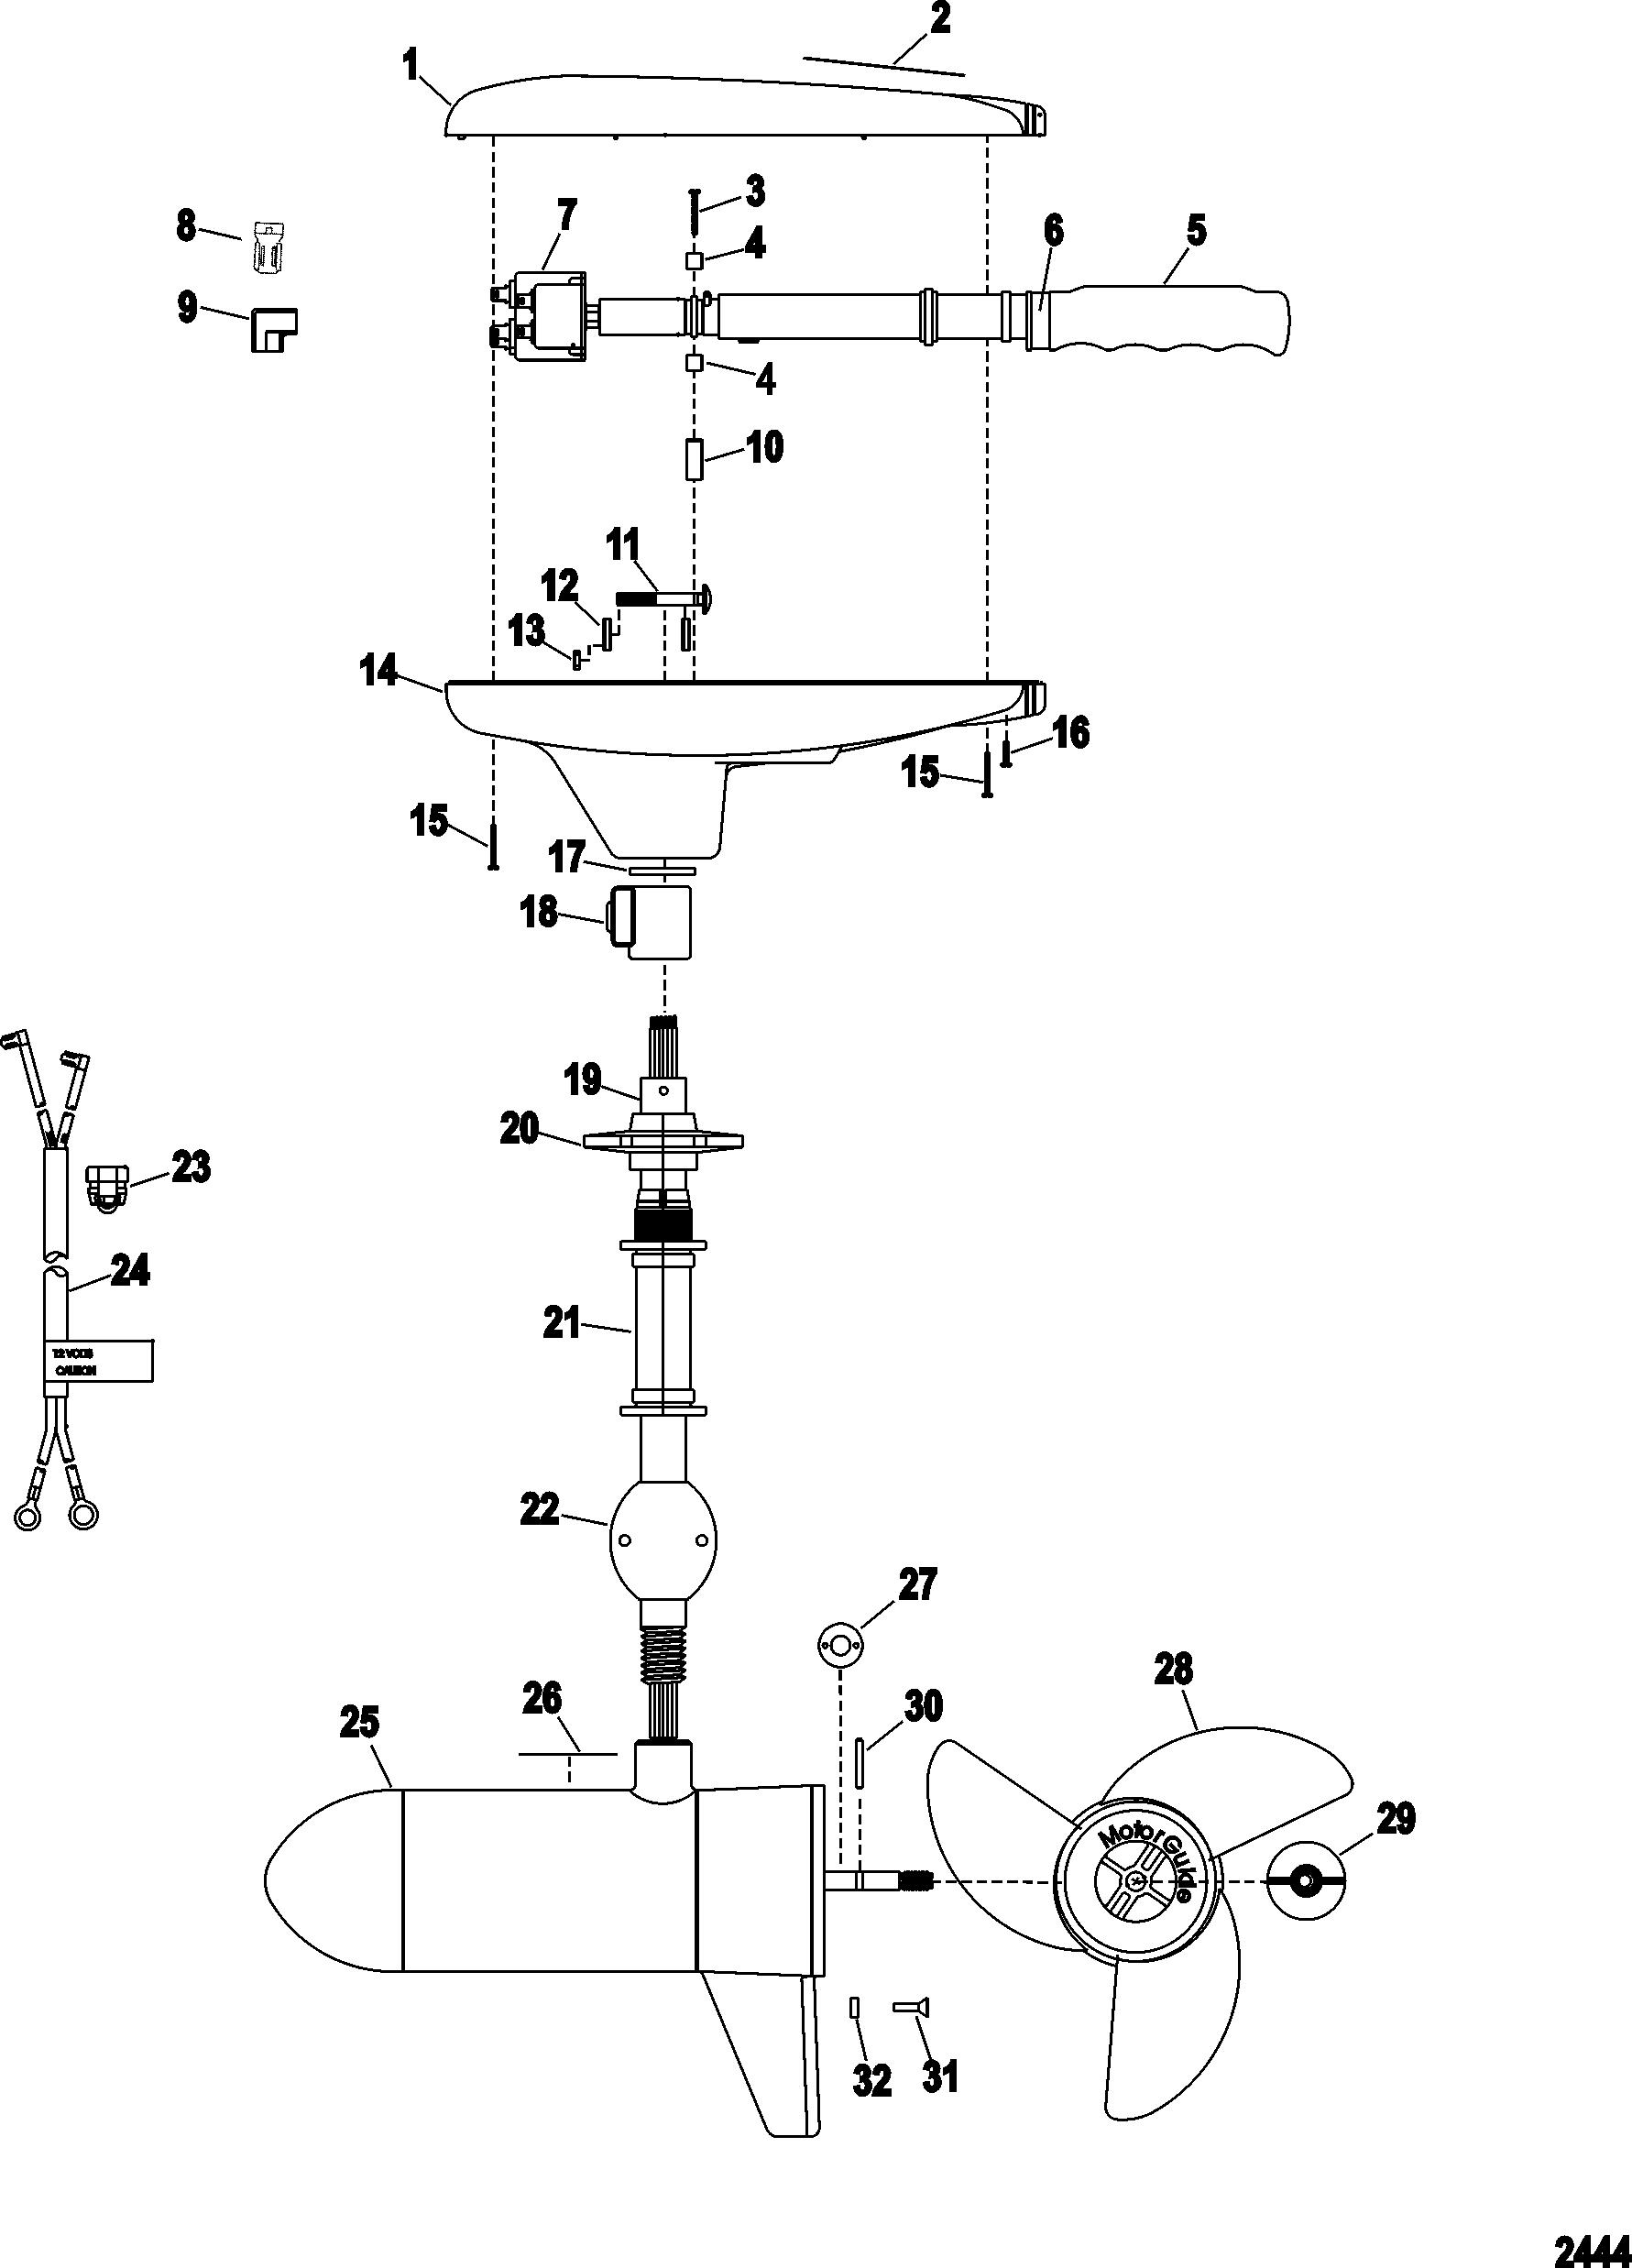 12 24v Trolling Motor Plug Wiring Diagram